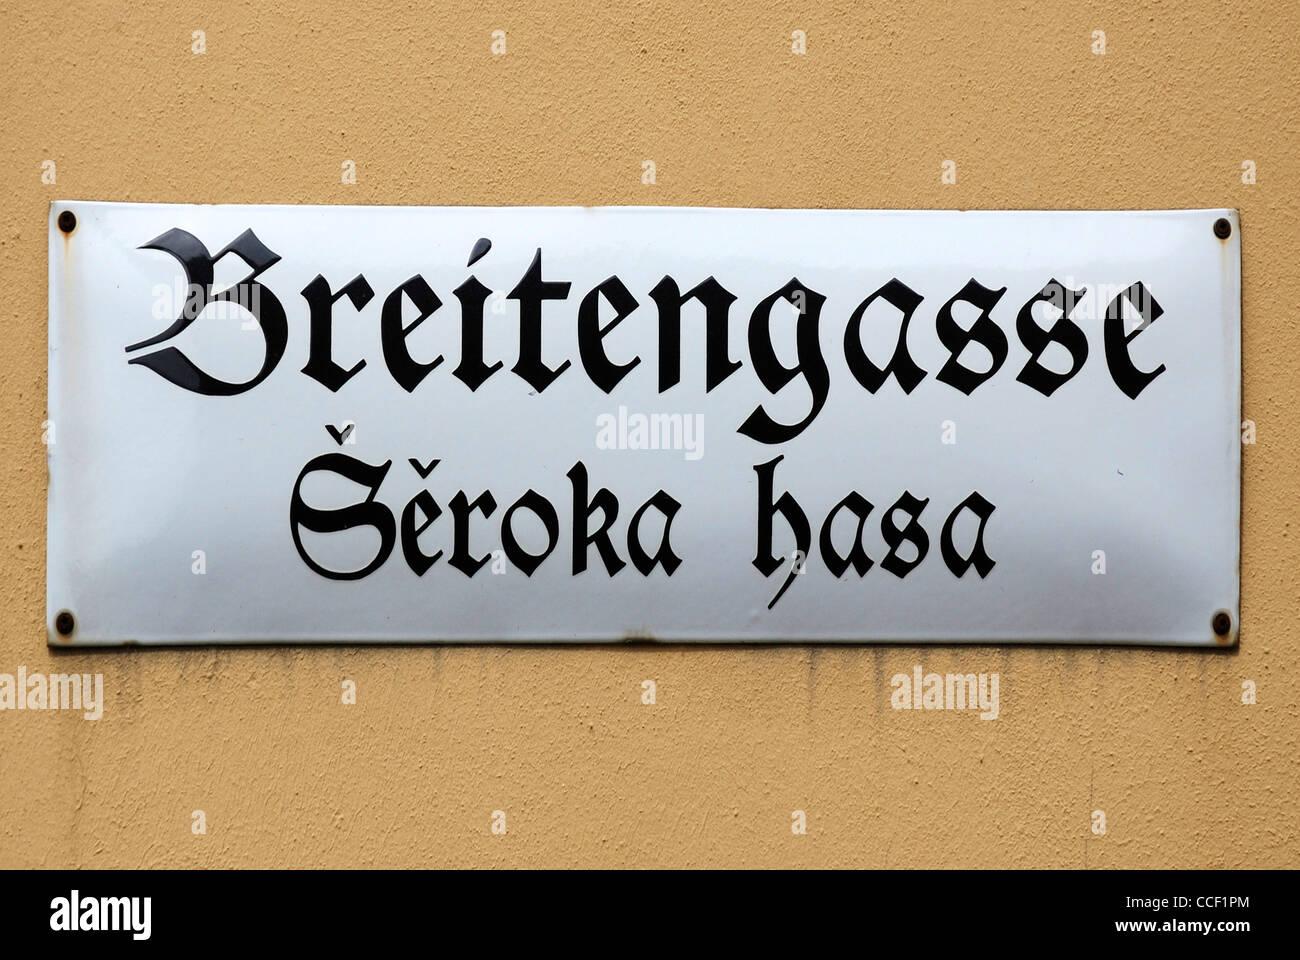 Straßenschild der Bautzen in Deutsch und Sorbisch in der Breitengasse - Seroka Hasa. Stockbild